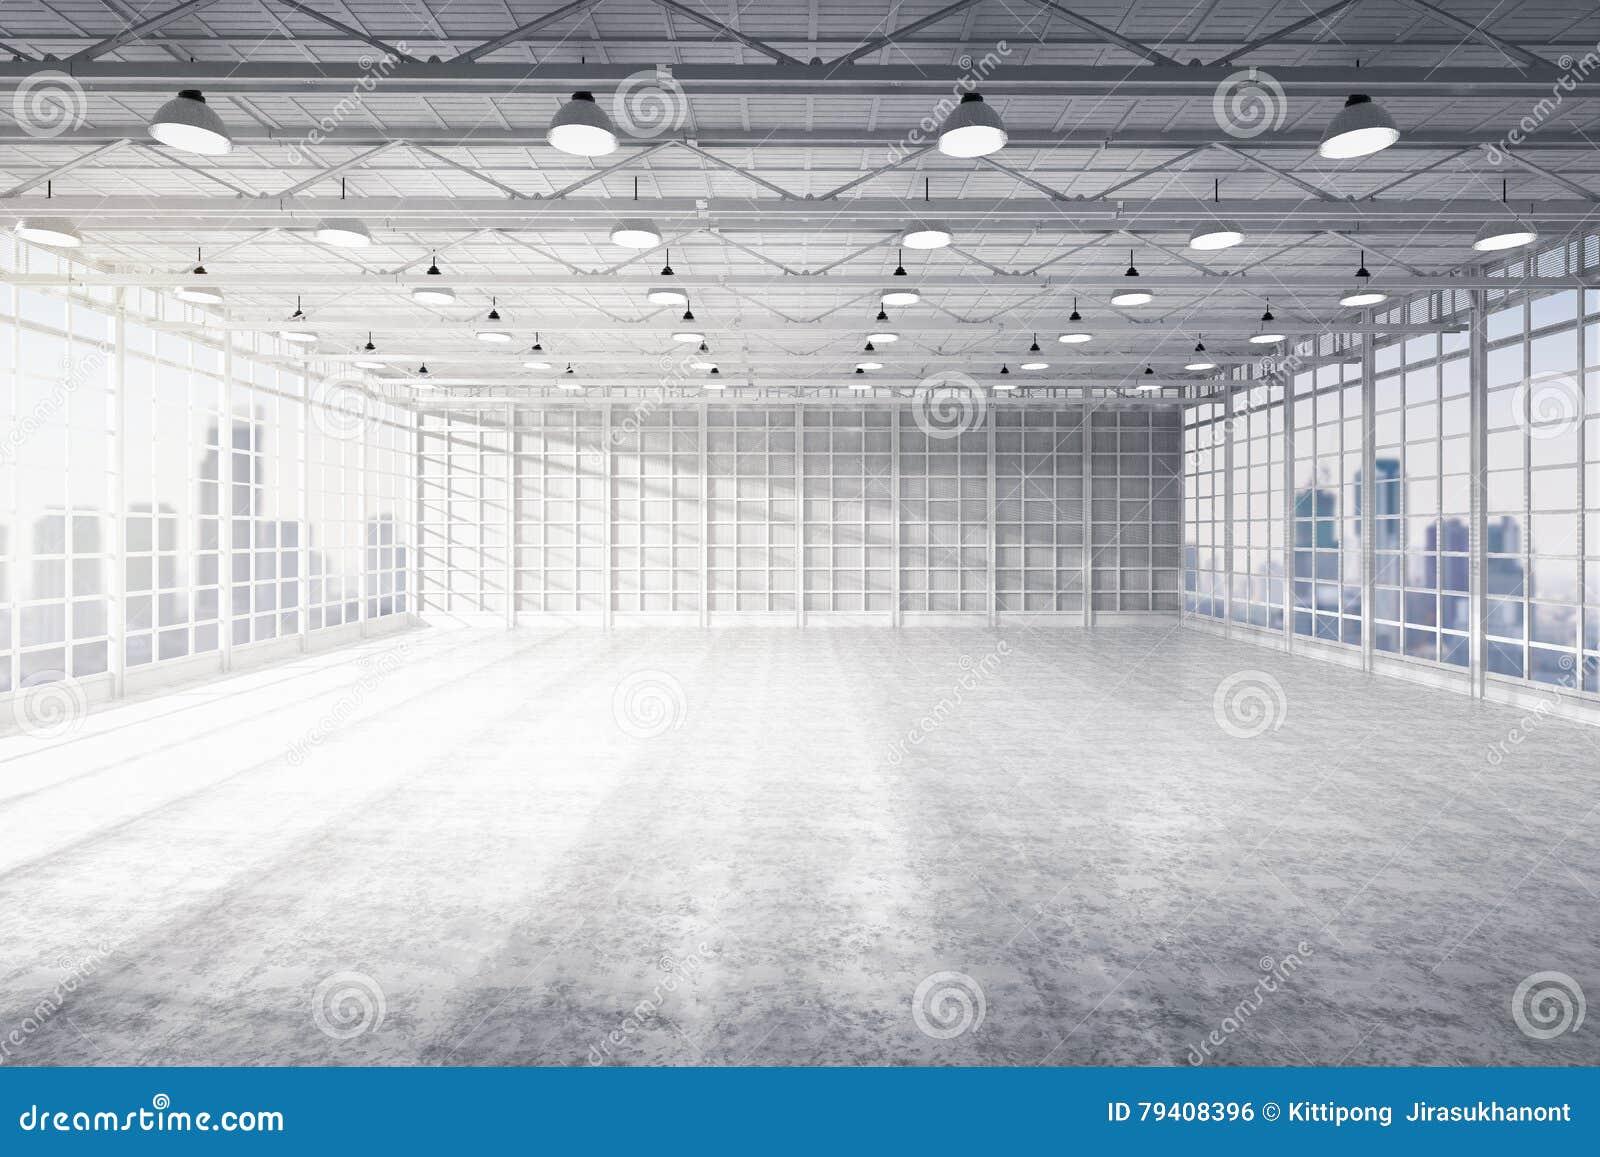 内部空的工厂